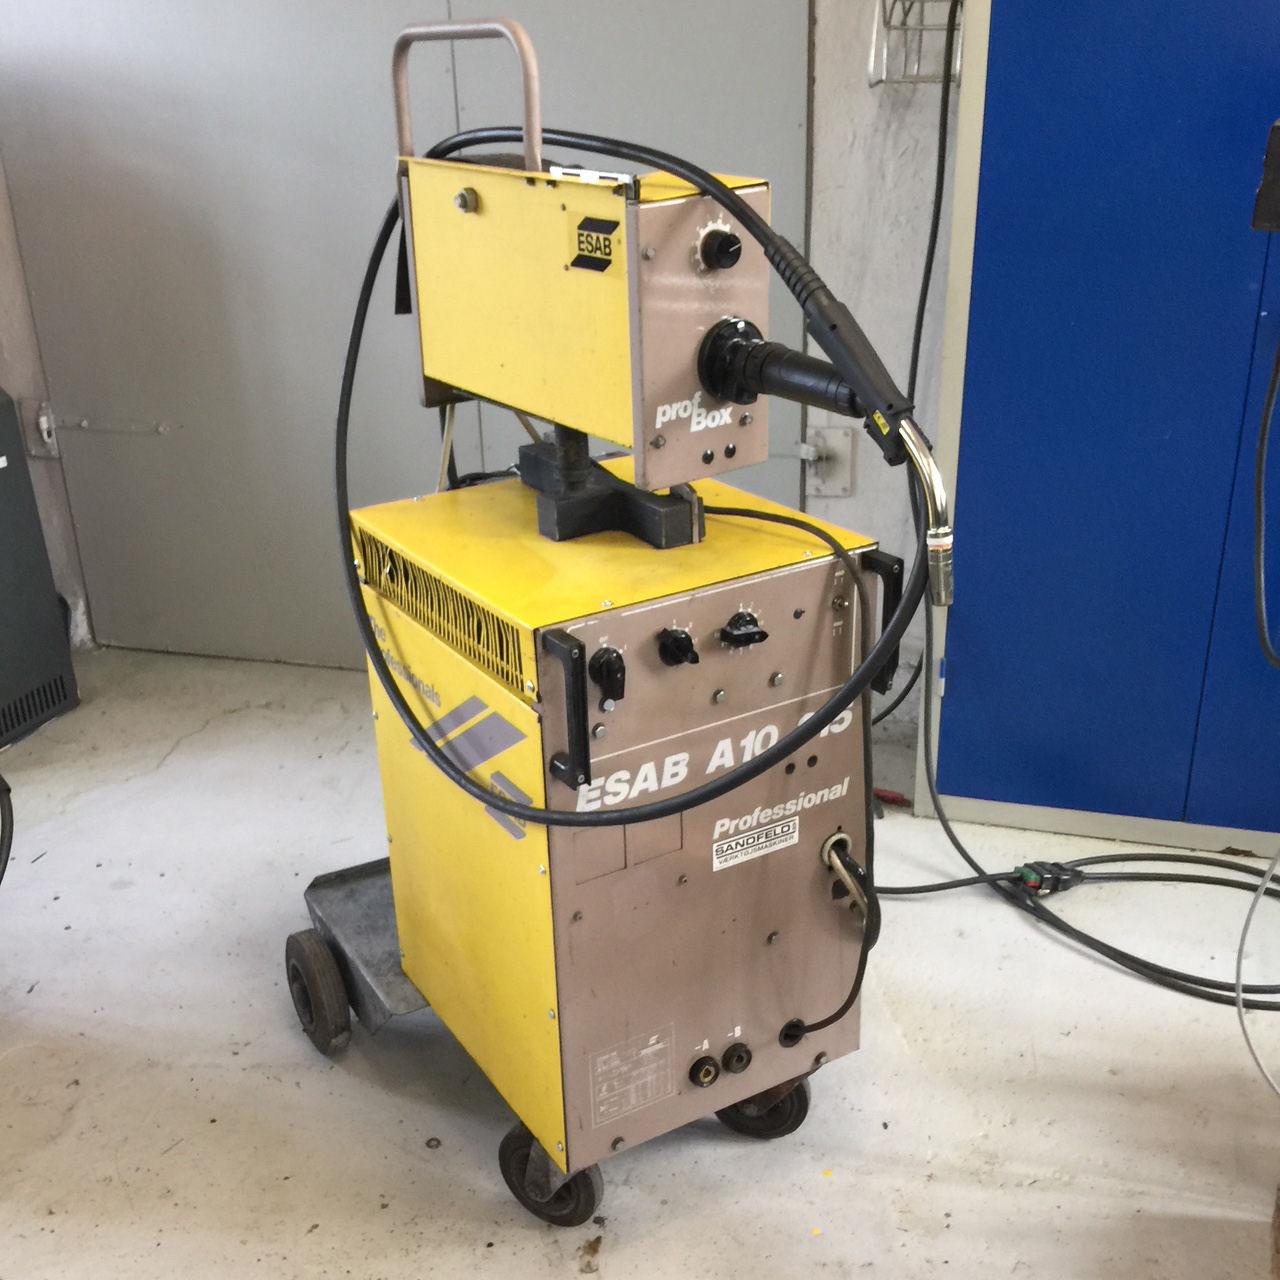 Brugt Esab A10-315 CO-2 anlæg - 315 amp.